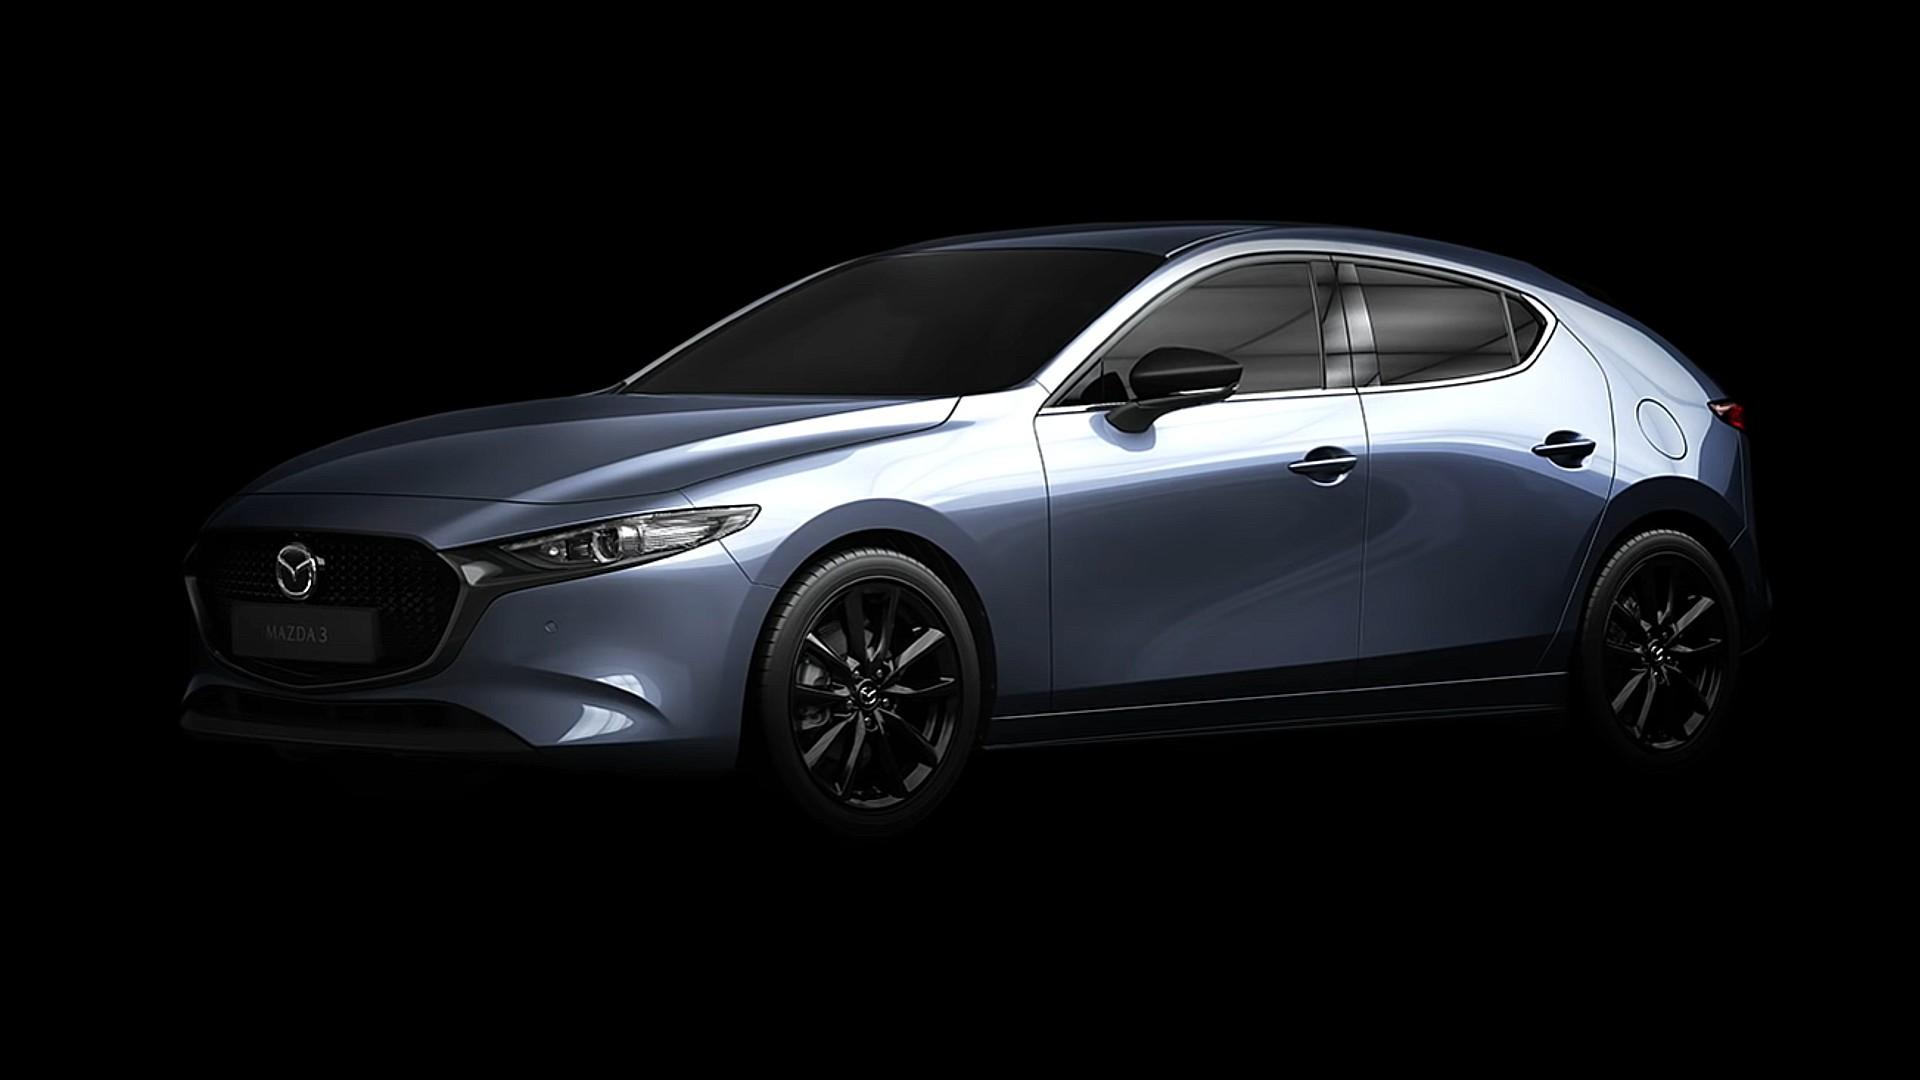 Έτοιμο το τετρακίνητο Mazda3 και με νέο κινητήρα τούρμπο [vid]